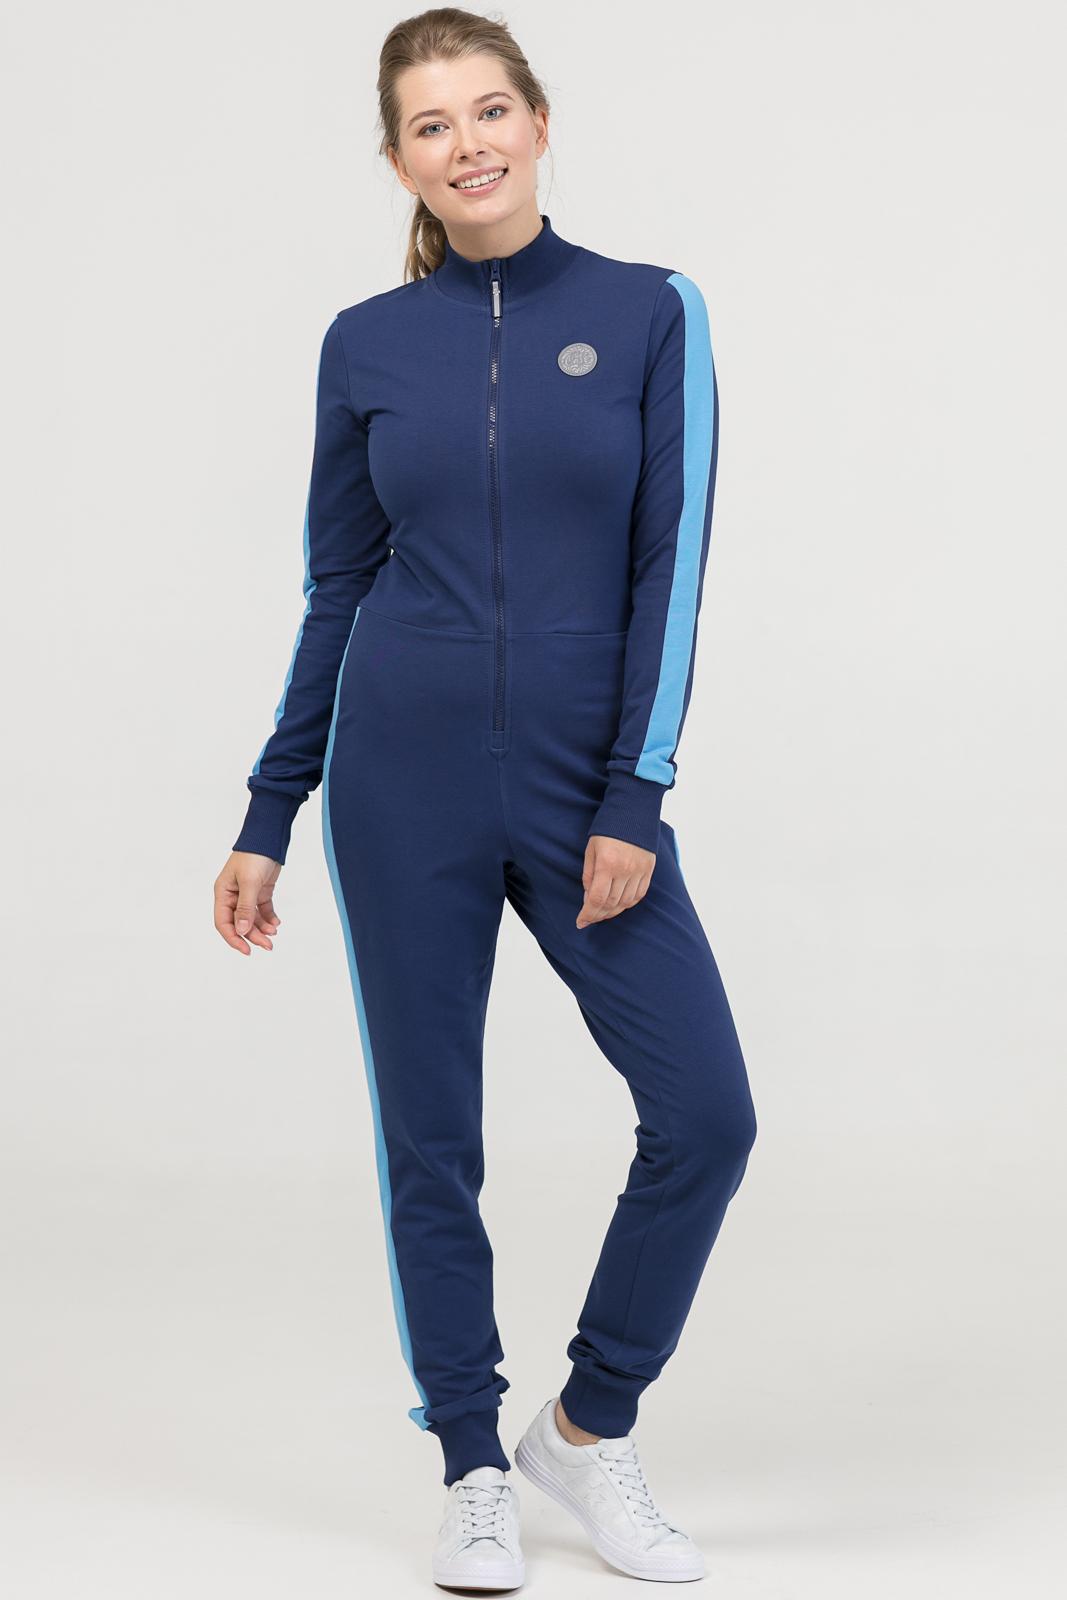 Купить со скидкой Комбинезон Skinny 2.0 синий женский из текстиля